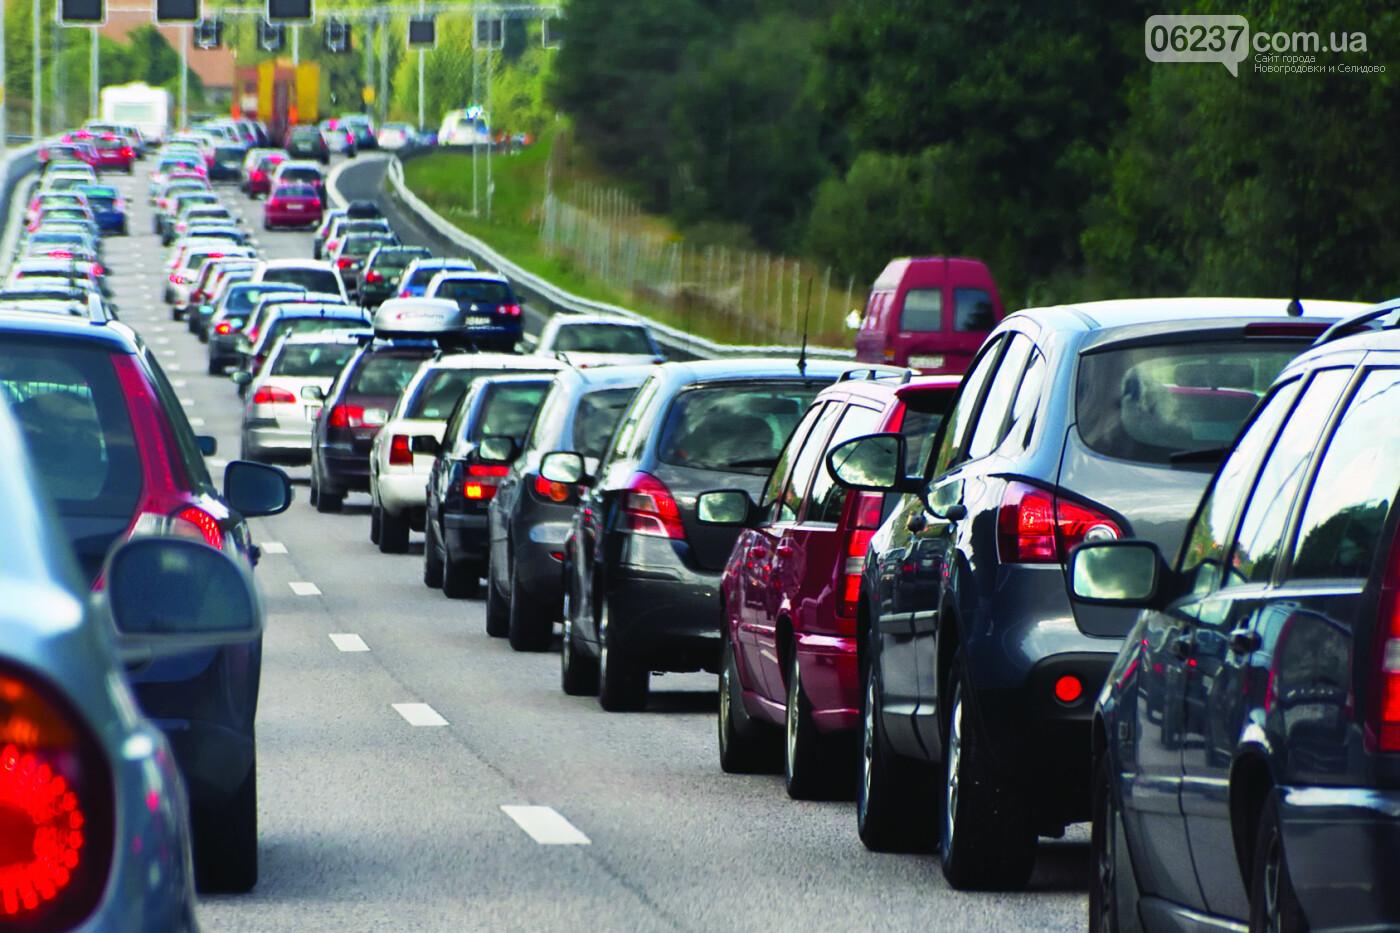 Кого коснутся новые правила дорожного движения принятые в ВРУ, фото-1